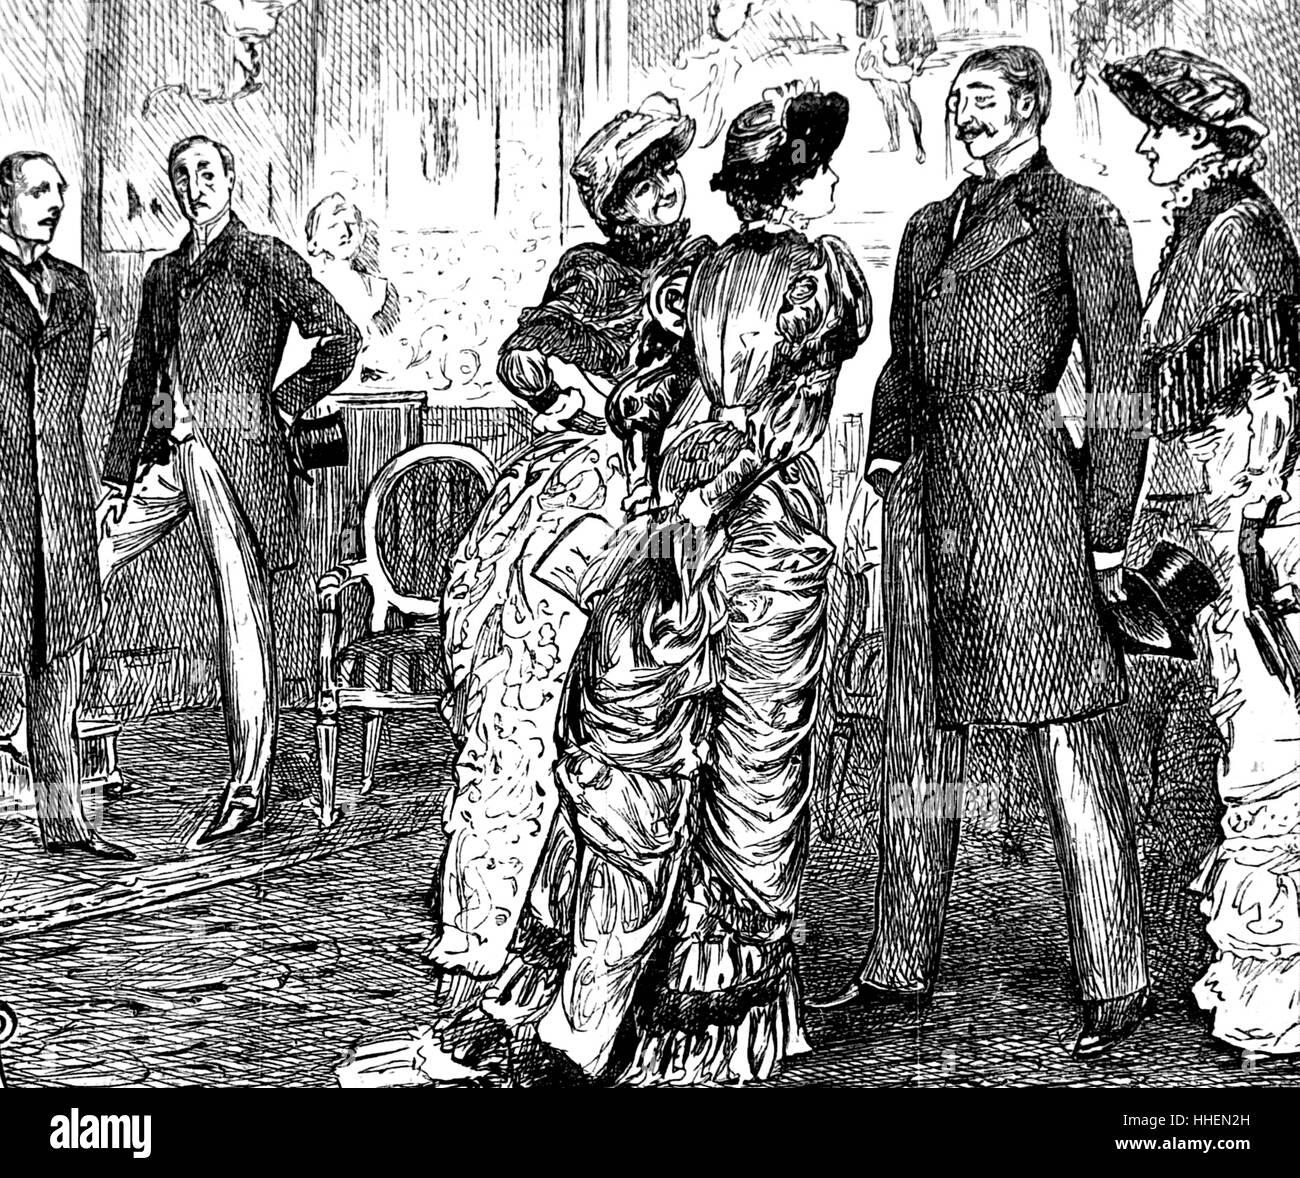 Abbildung zeigt wohlhabende Mitglieder der Gesellschaft für eine Soirée zu sammeln. Vom 19. Jahrhundert Stockbild